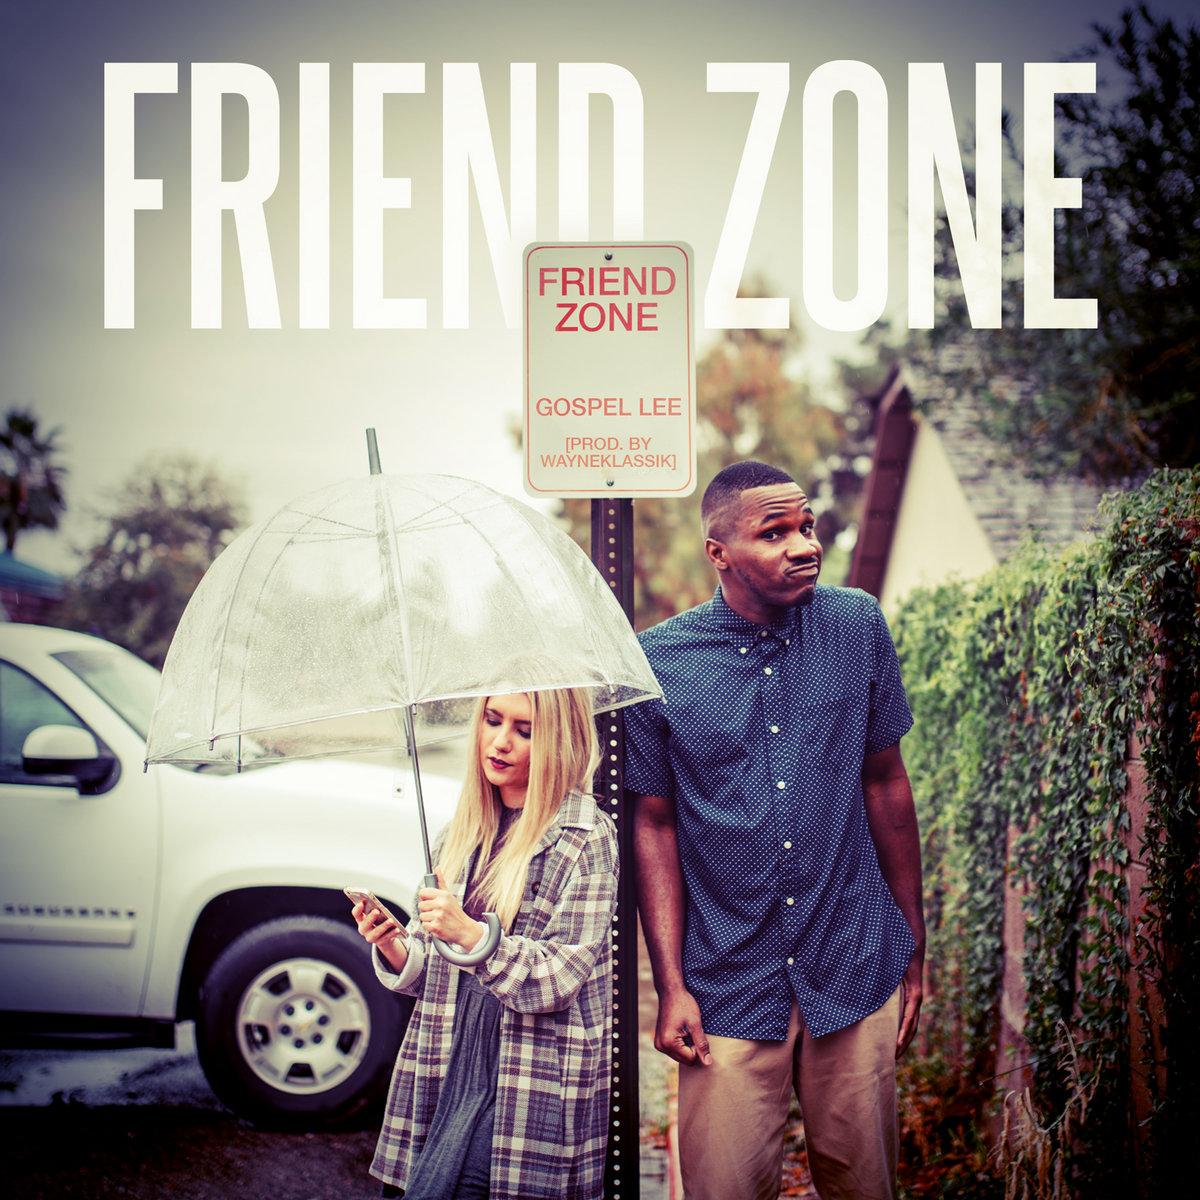 Friend Zone by gospel lee